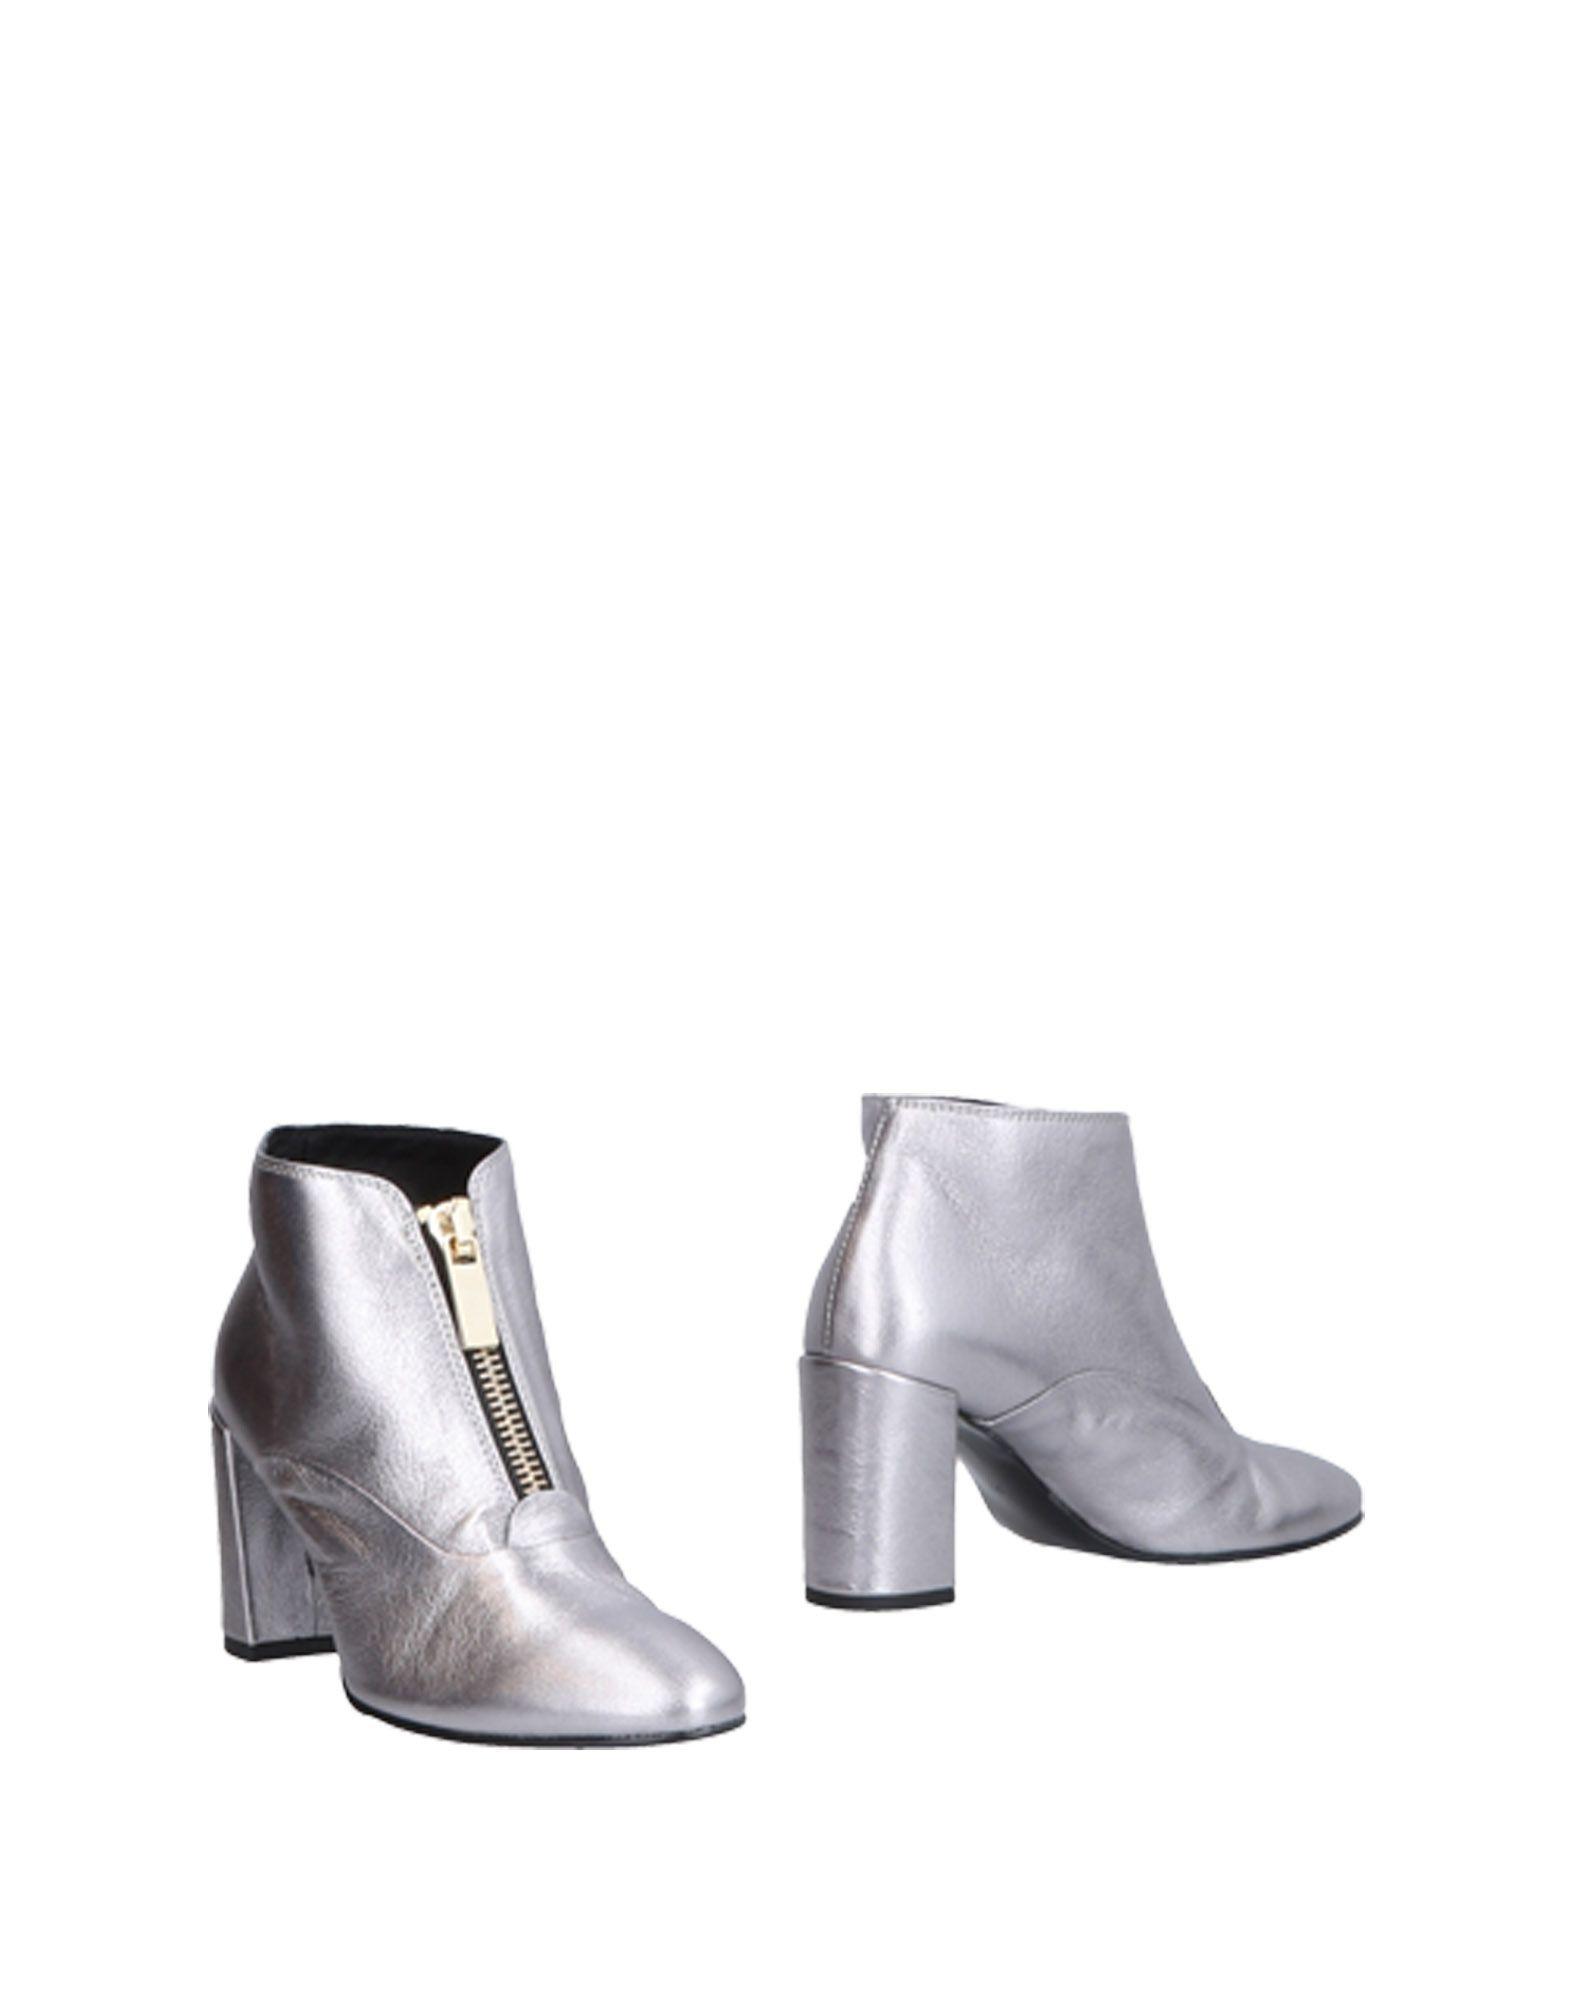 Bottine Tosca Blu Shoes Femme - Bottines Tosca Blu Shoes Argent Dernières chaussures discount pour hommes et femmes